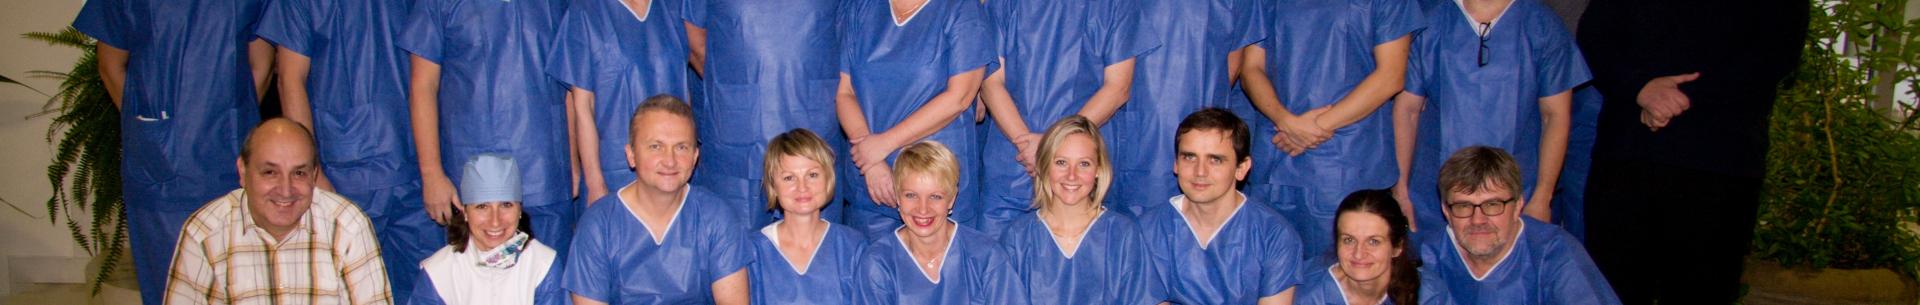 Preparační kurz ORL – Chirurgie ucha a spánkové kosti